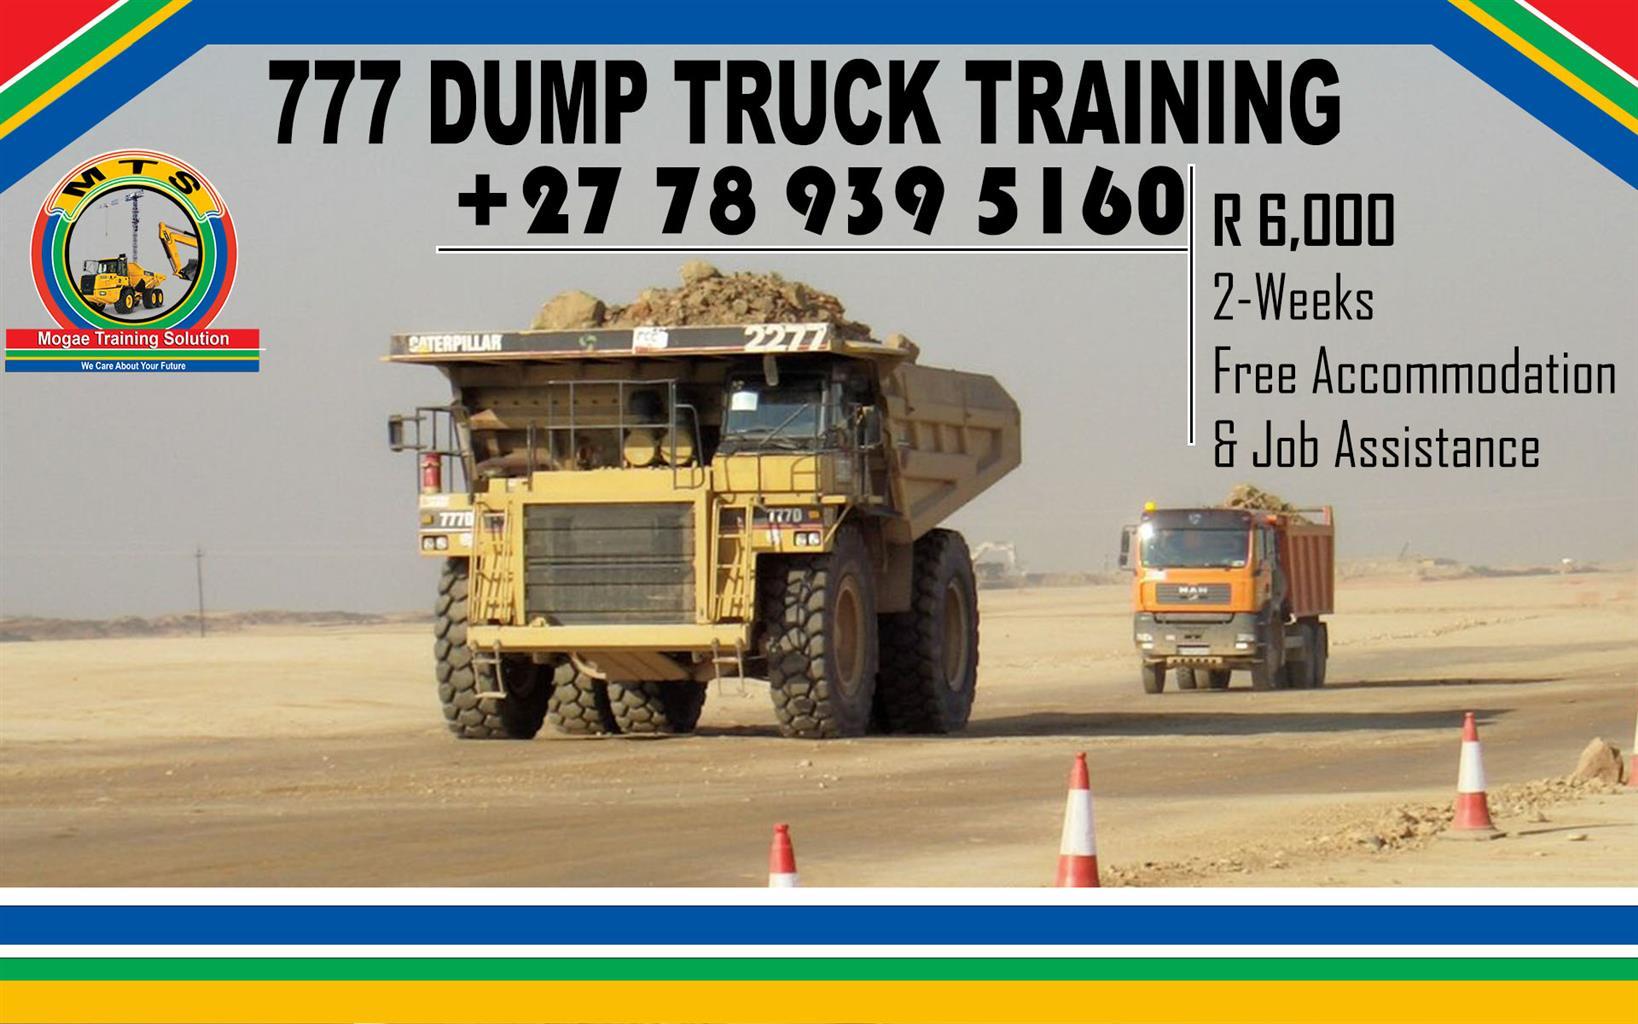 Thabazimbi Mining Training Centre,Thabazimbi,Limpompo:0789395160